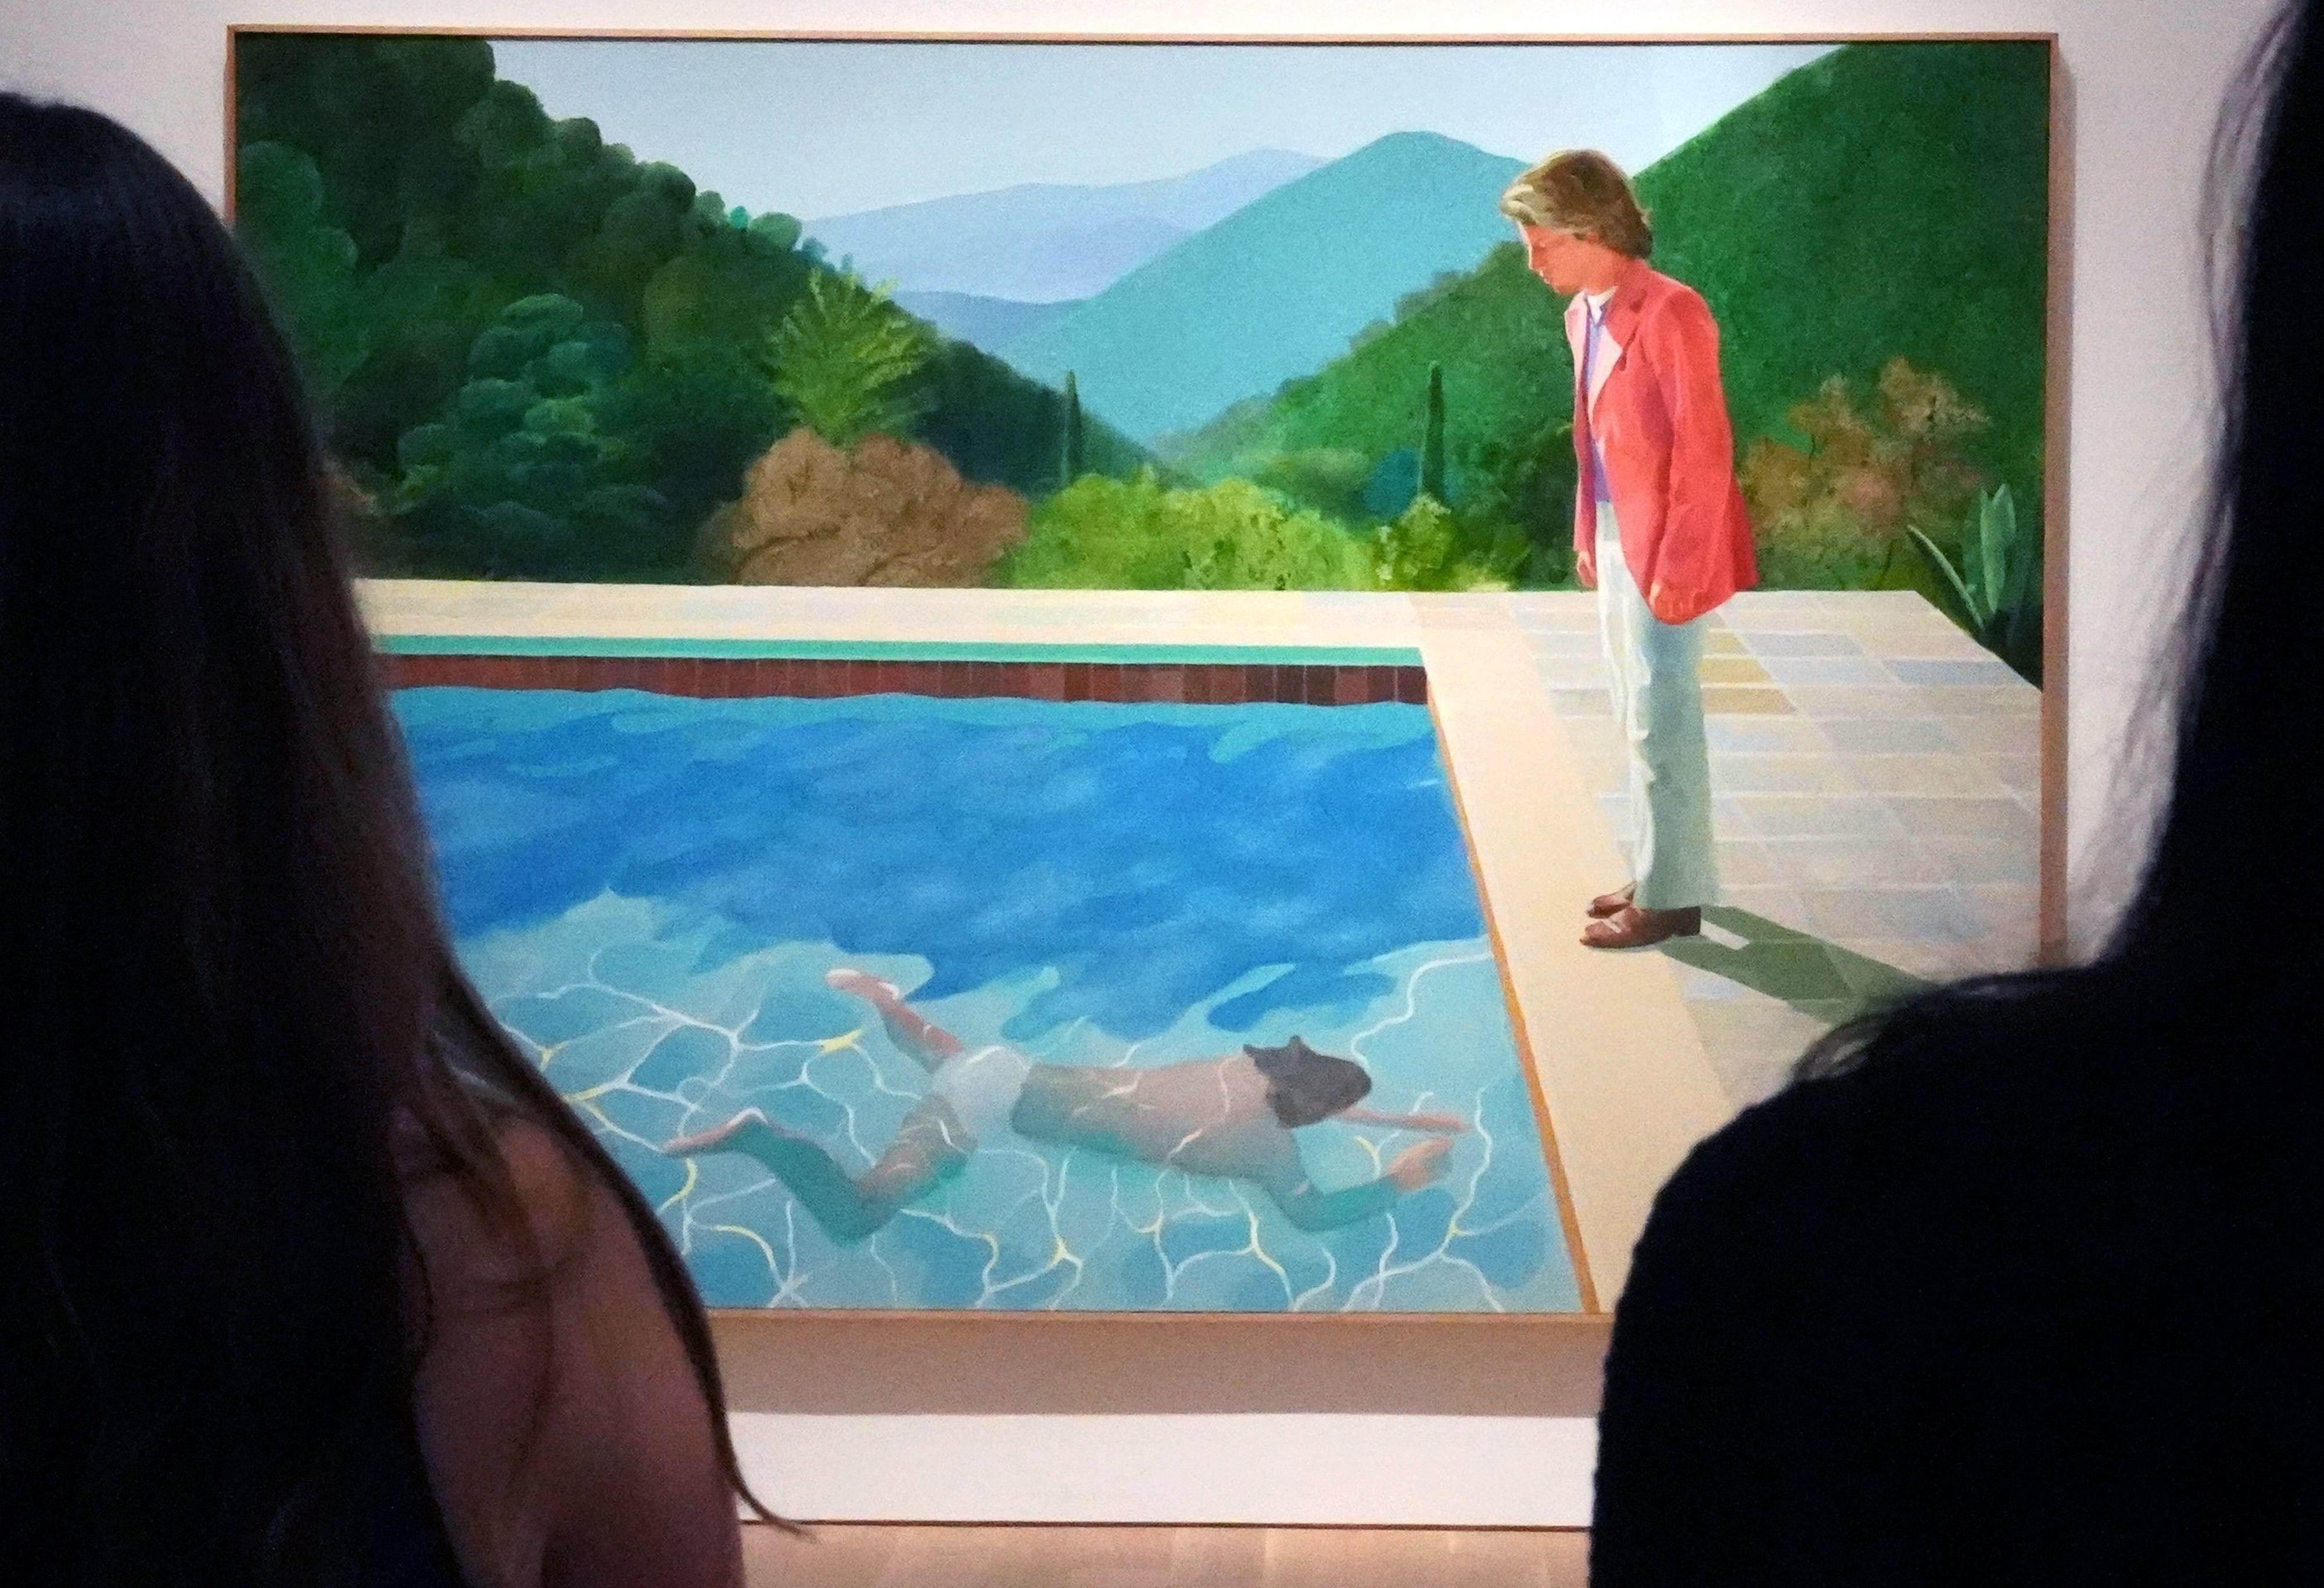 Με αυτό το έργο τέχνης ο Ντέιβιντ Χόκνεϊ θα σπάσει το ρεκόρ του πιο ακριβού καλλιτέχνη εν ζωή